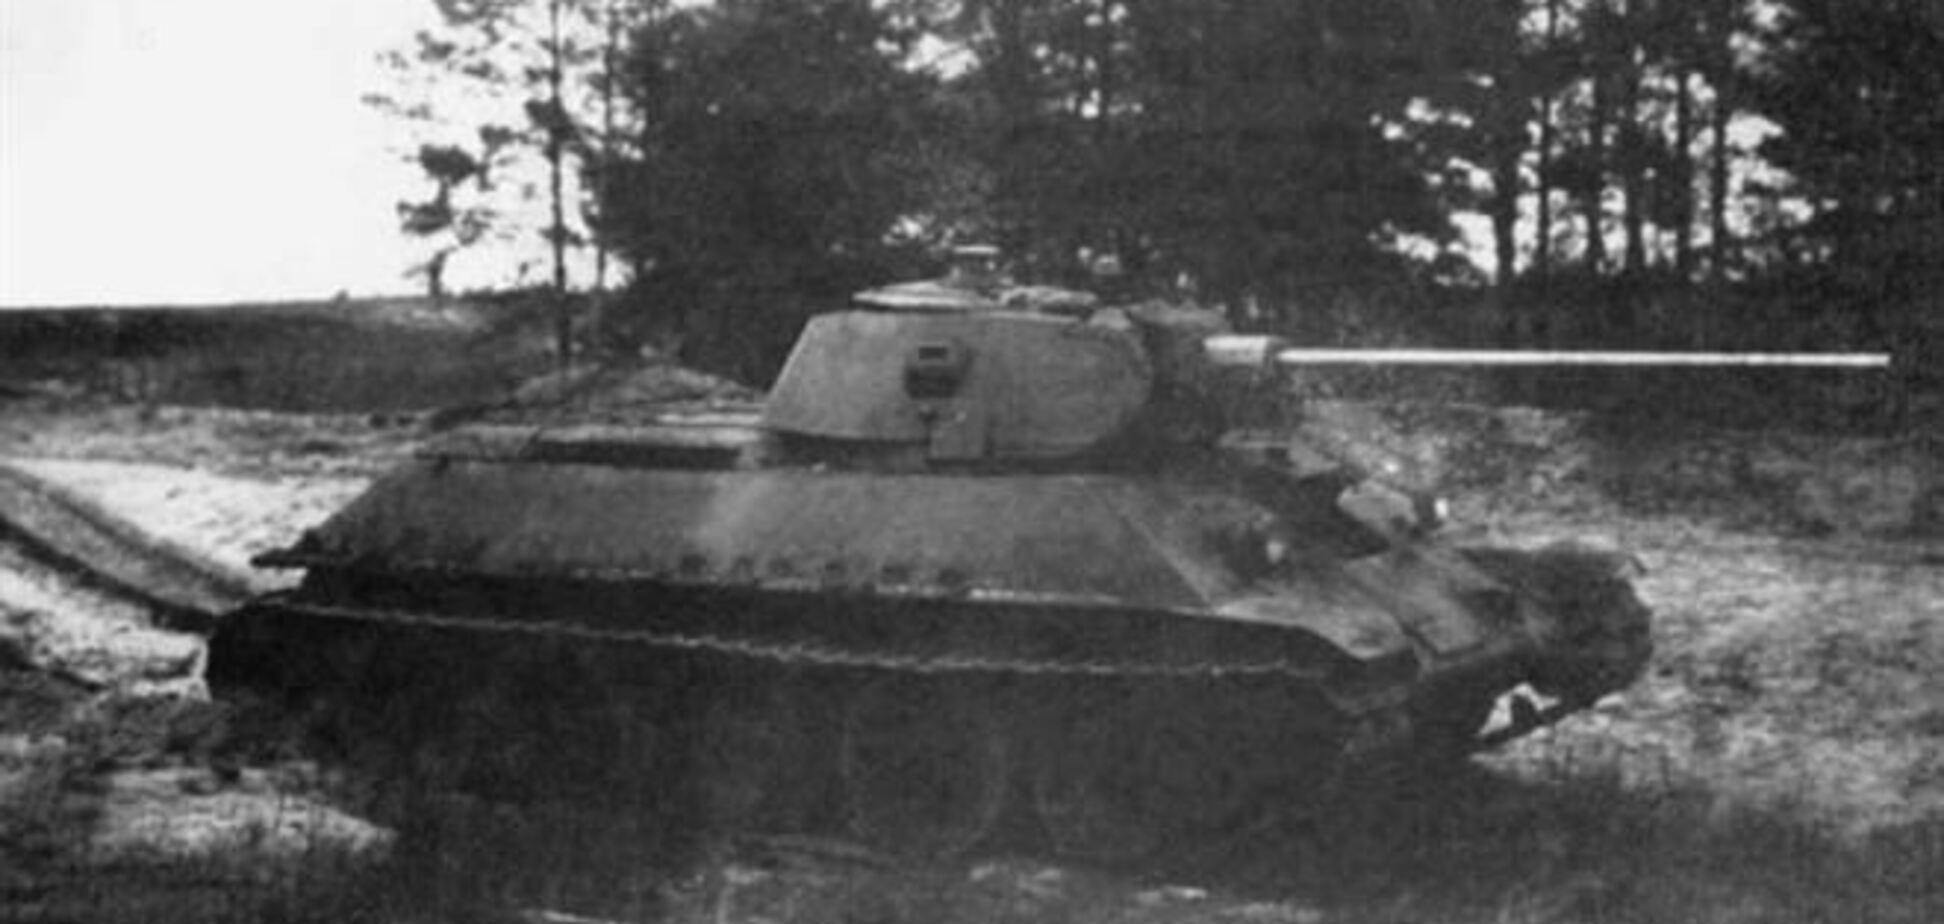 На Житомирщині розкопали танк часів війни